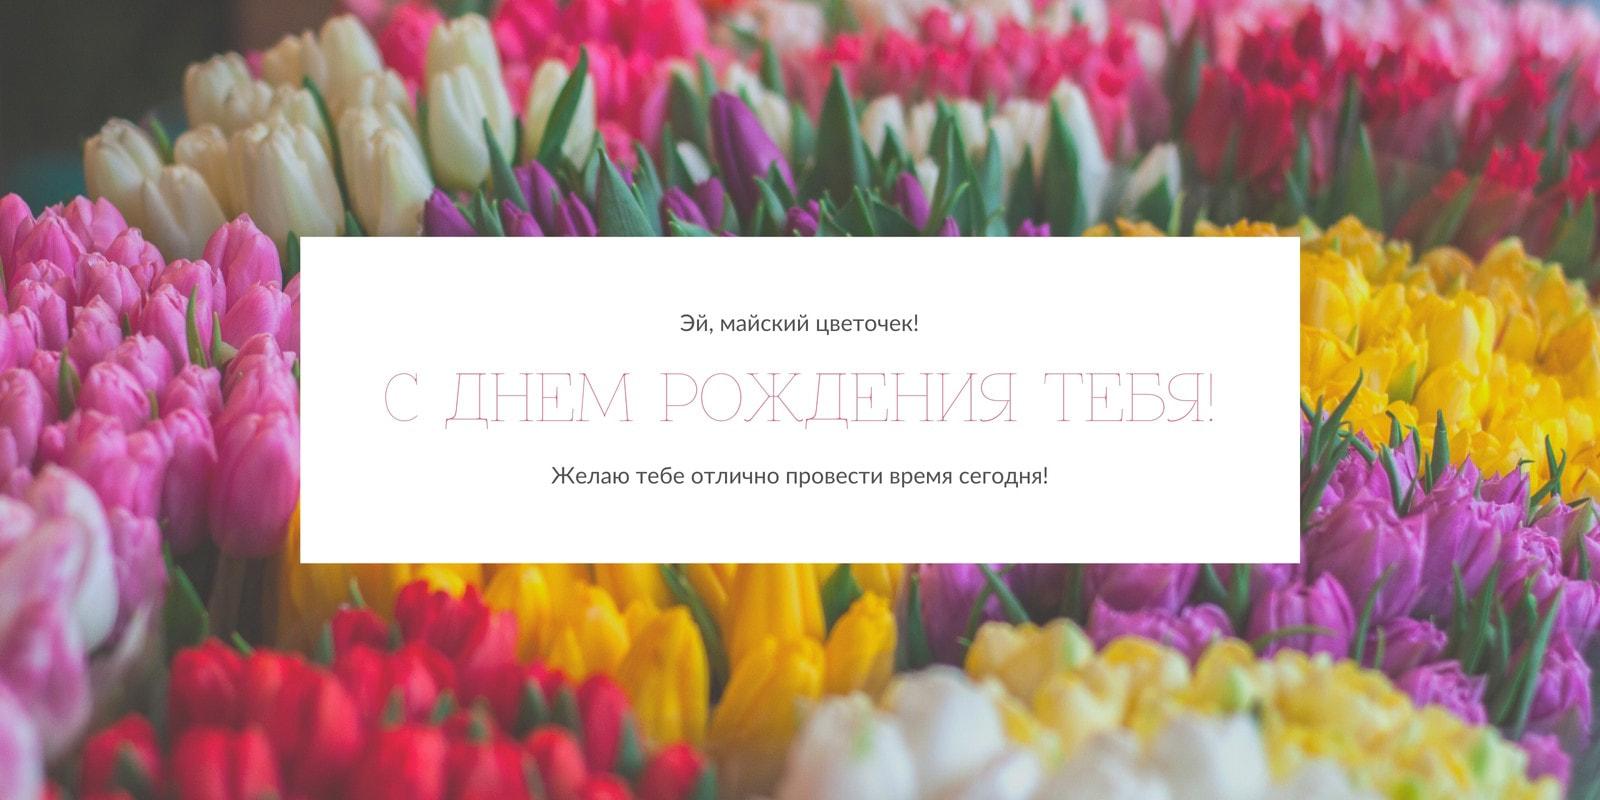 Цветок Фото День рождения Поздравления Twitter Публикация